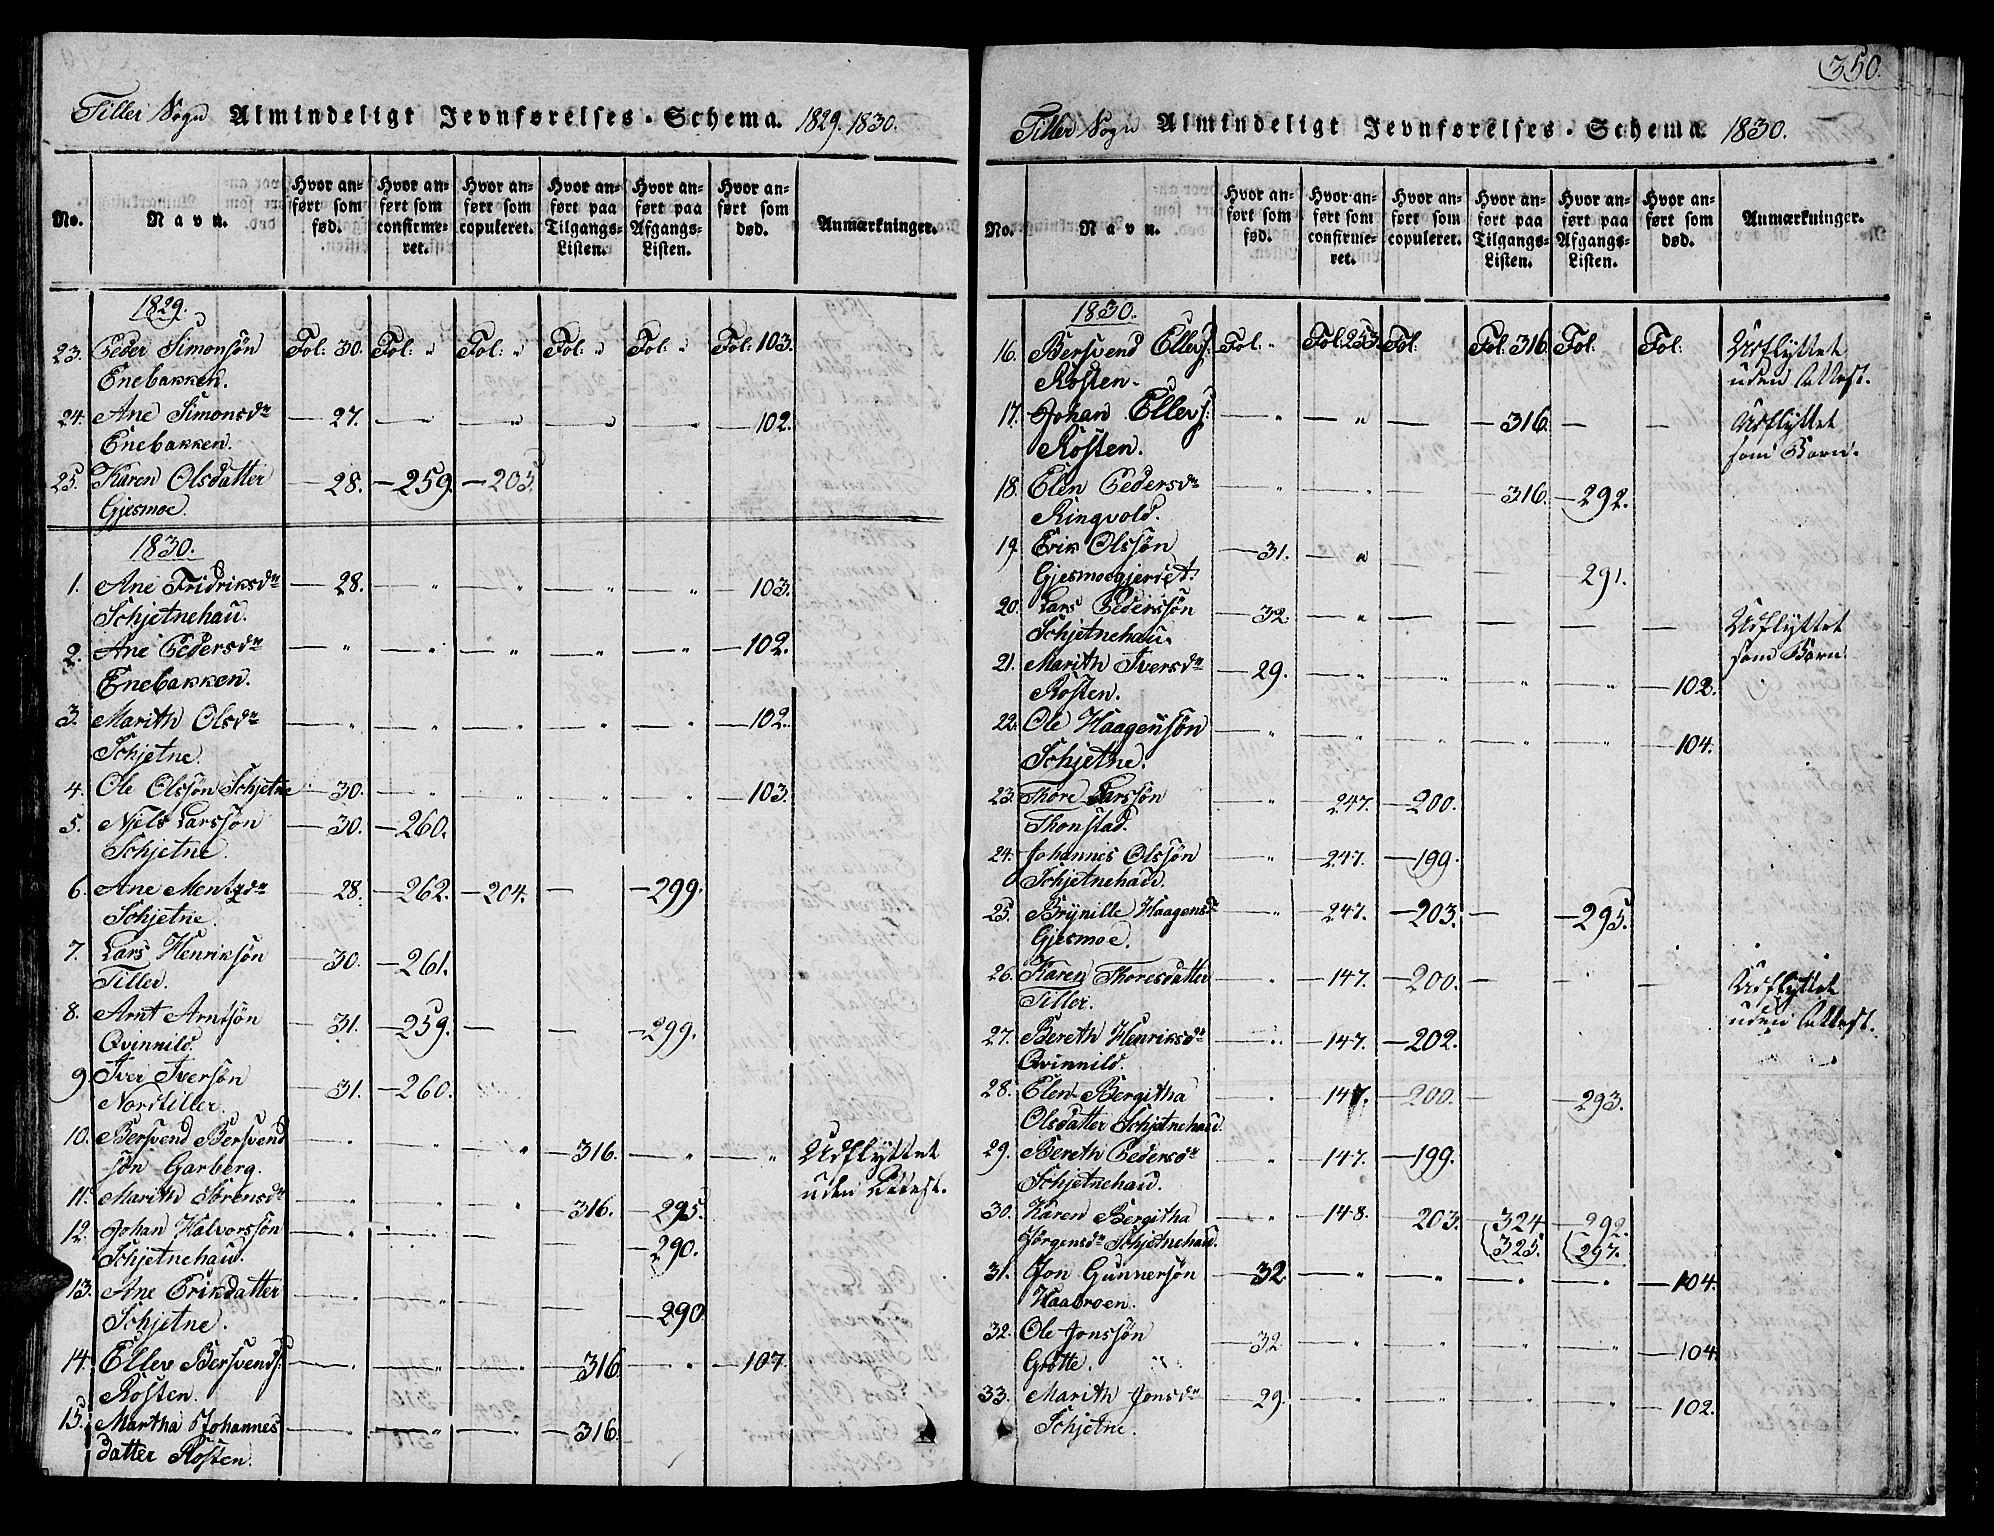 SAT, Ministerialprotokoller, klokkerbøker og fødselsregistre - Sør-Trøndelag, 621/L0458: Klokkerbok nr. 621C01, 1816-1865, s. 350